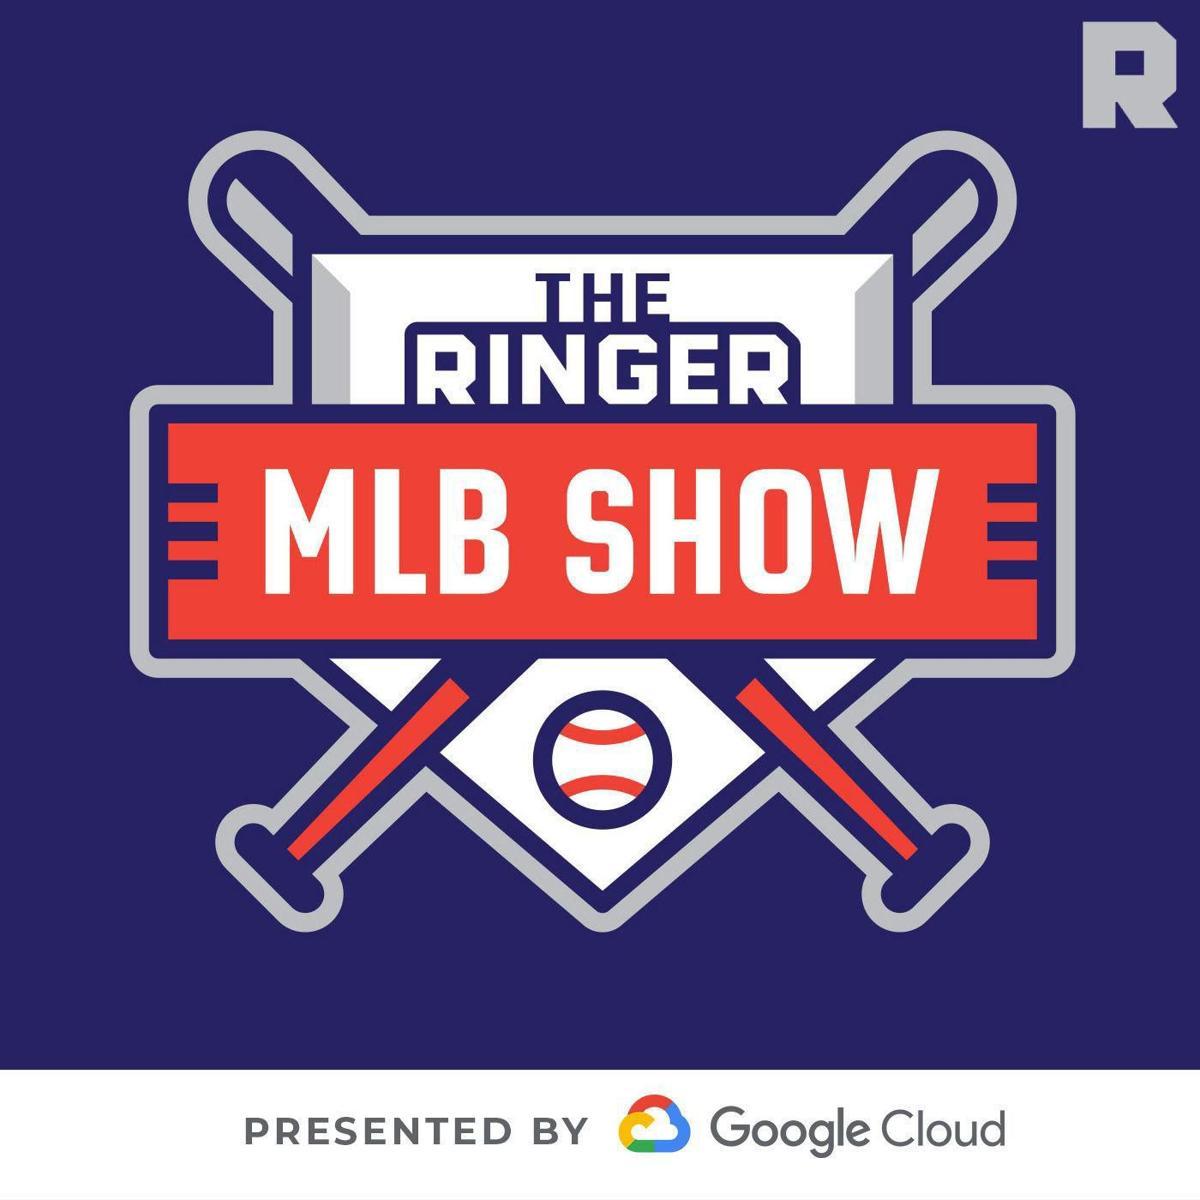 The Ringer MLB Show